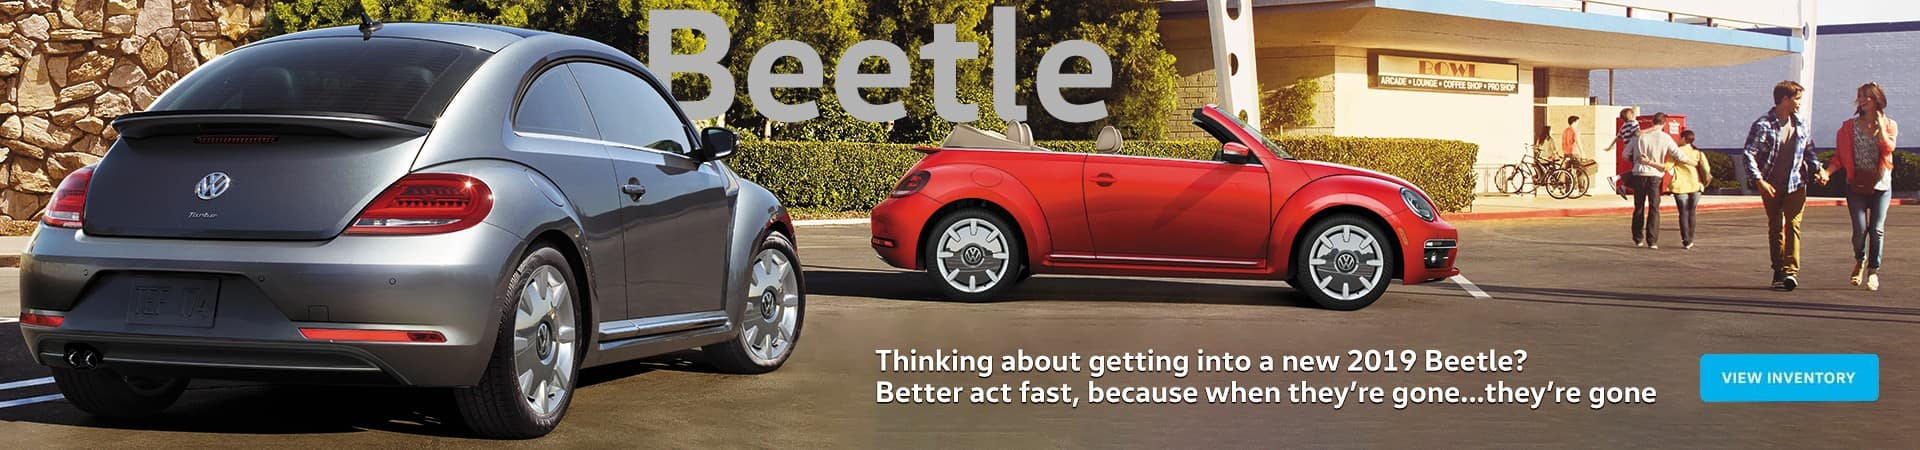 2019 VW Beetle